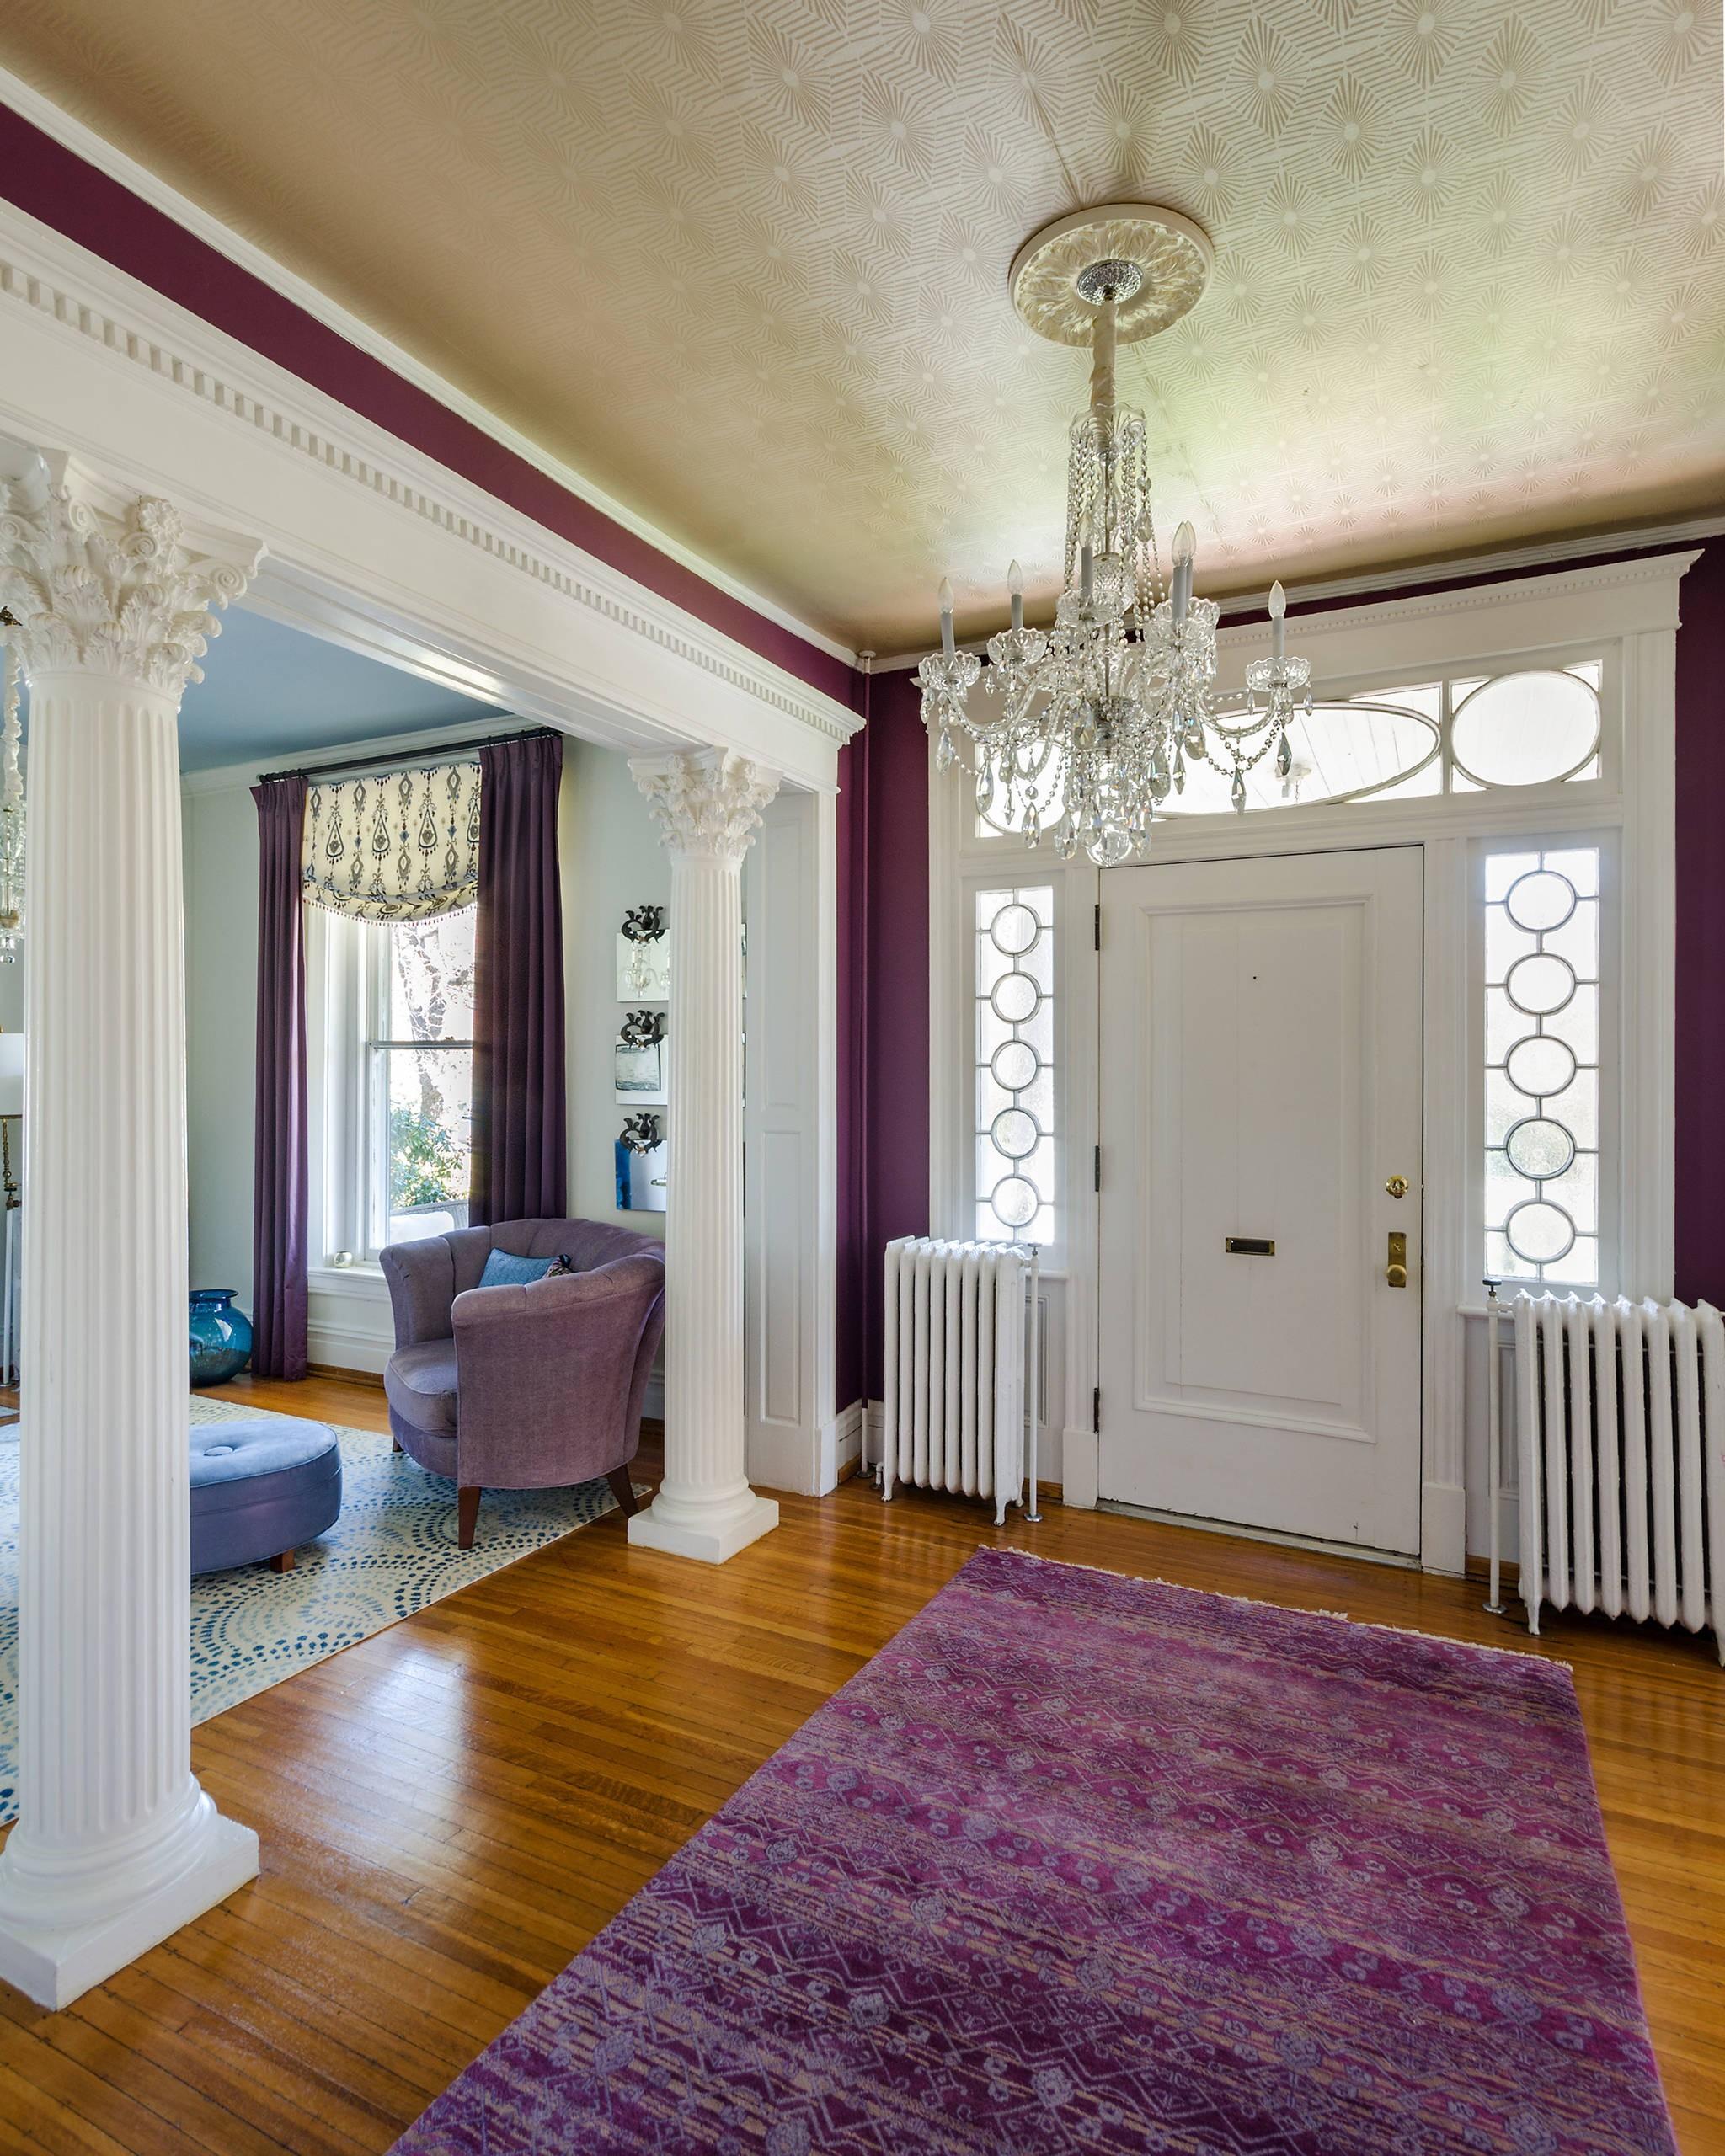 ديكور مدخل البيت - ديكور أبيض وبنفسجي